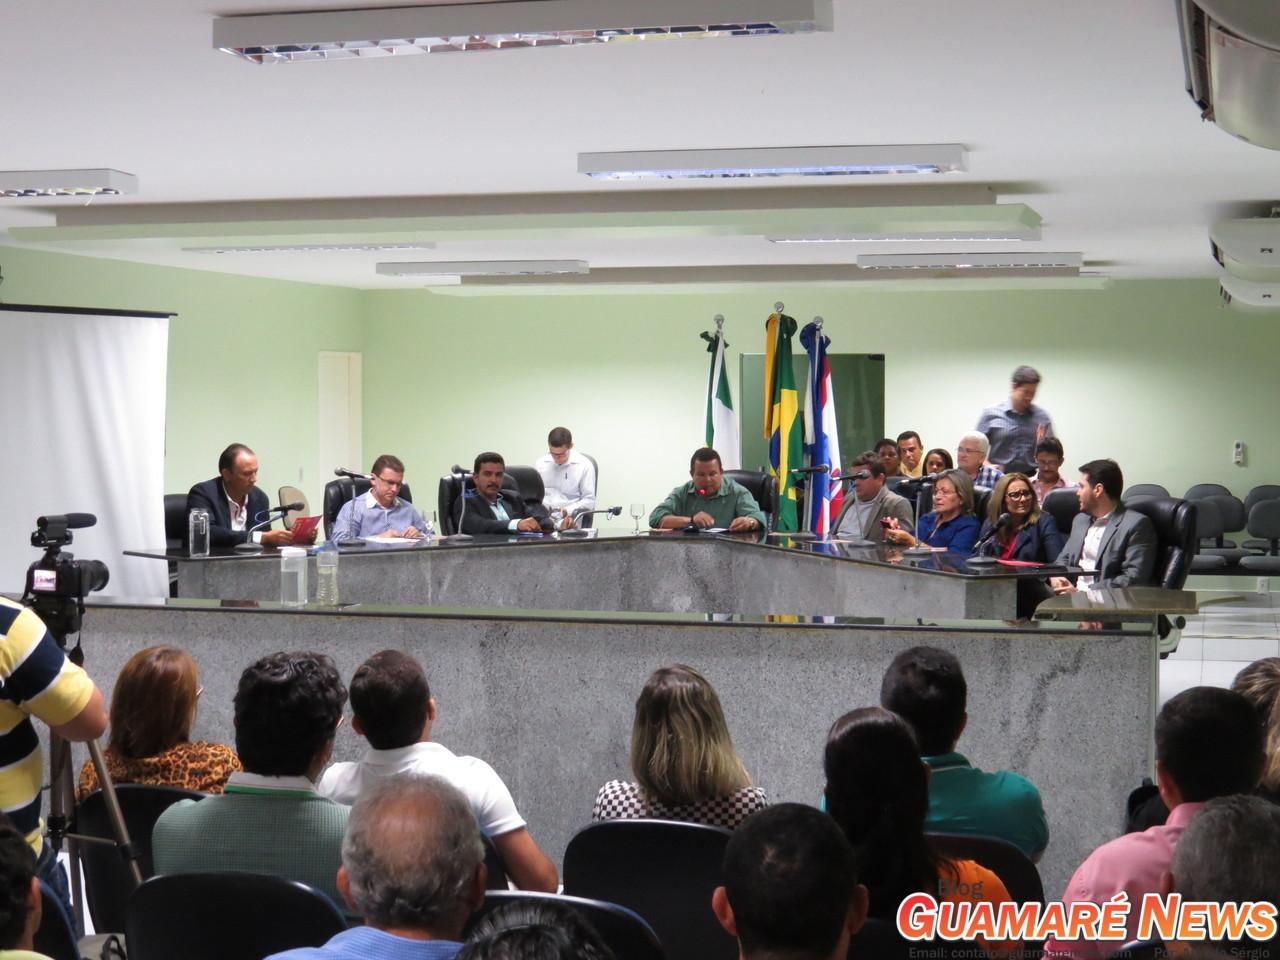 Guamaré: Câmara Municipal promove Audiência Publica sobre o Aedes Aegypti e ações de combate